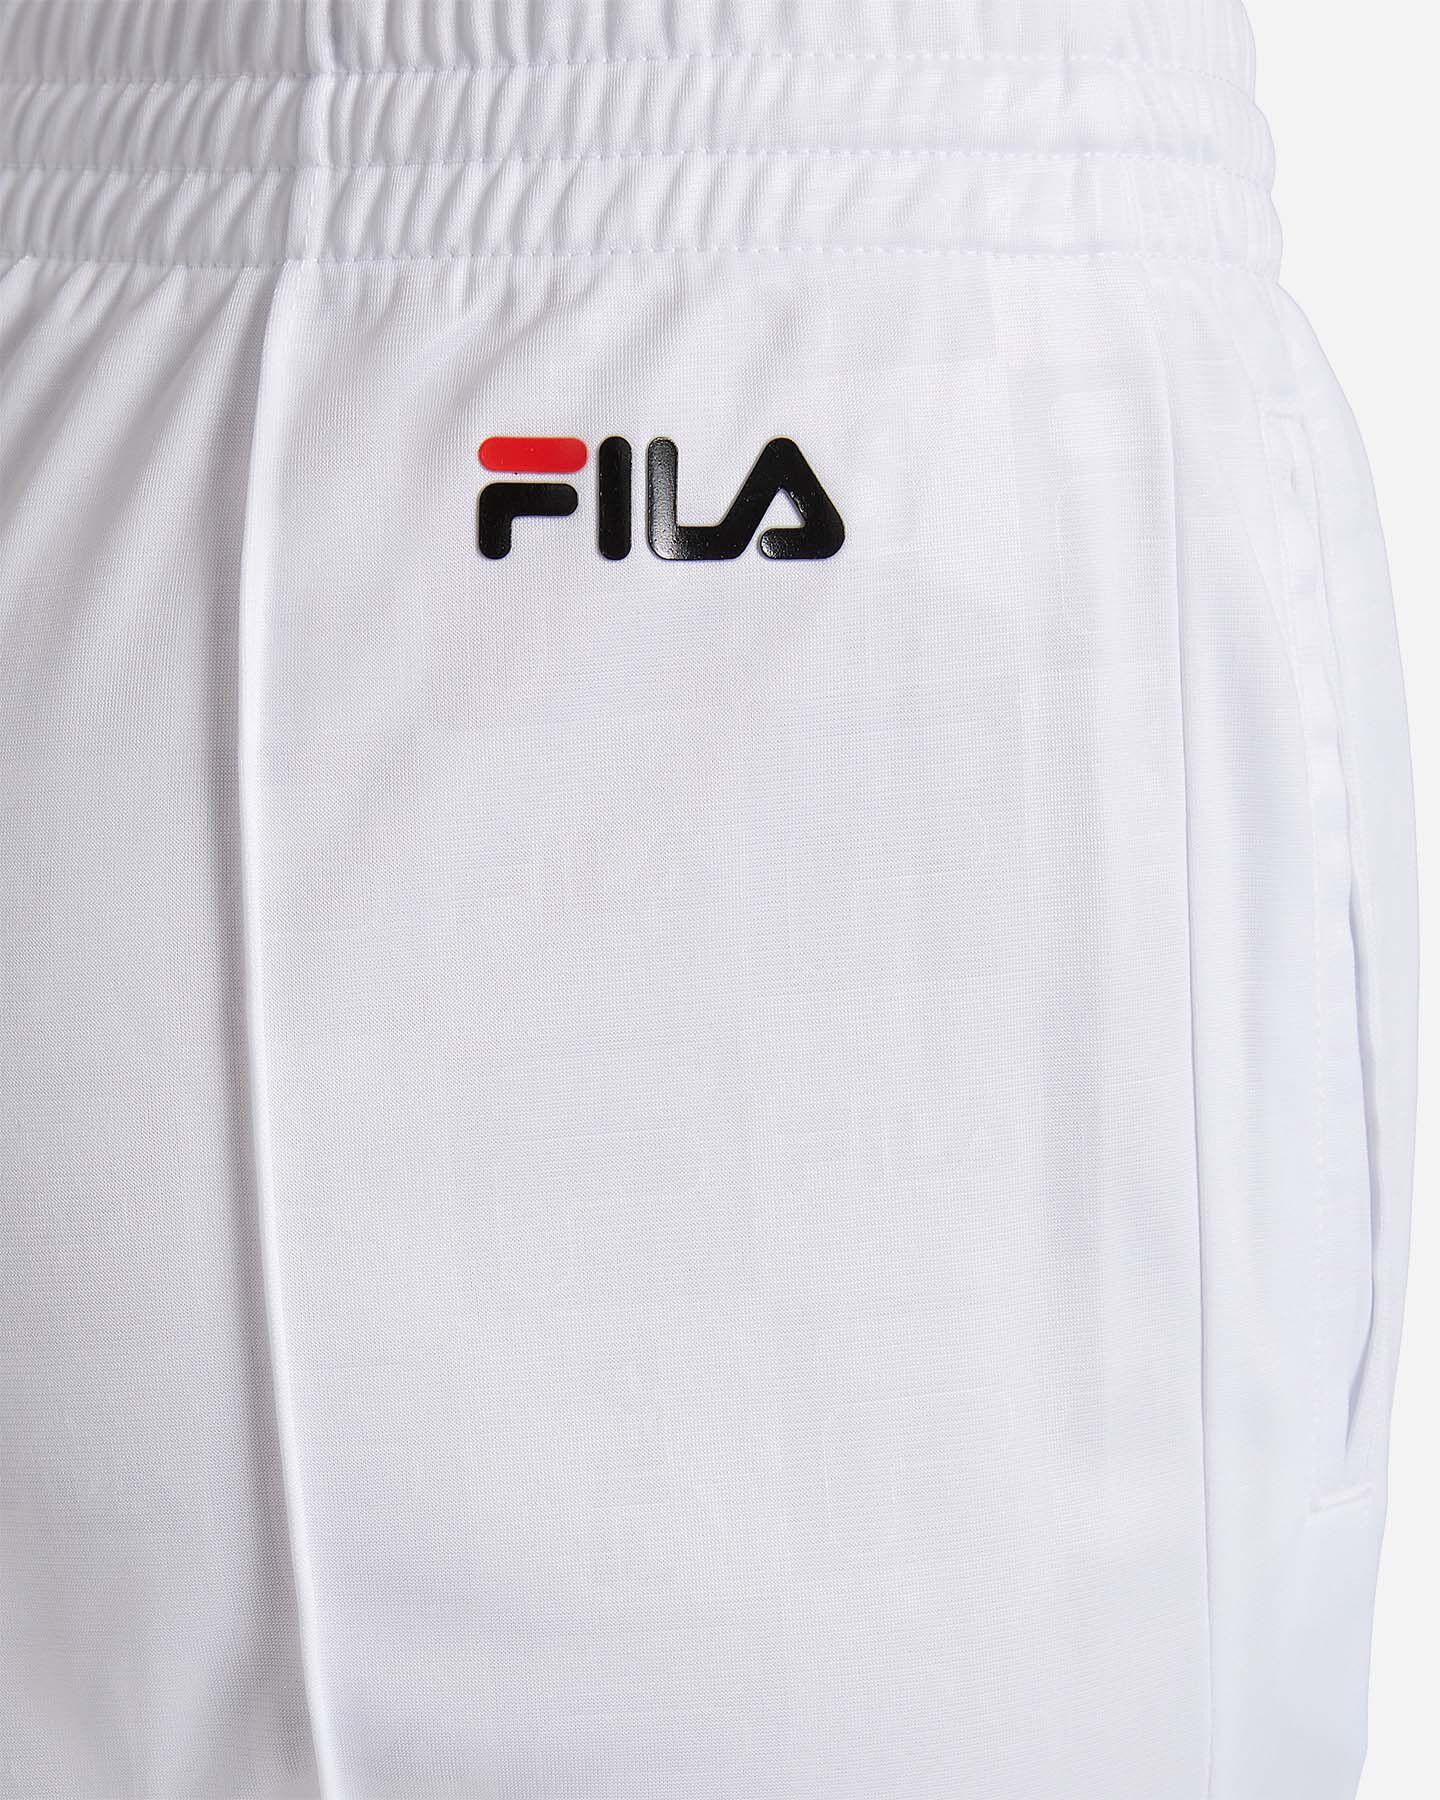 Pantalone FILA TRIACETATO PRINTED W S4080532 scatto 4